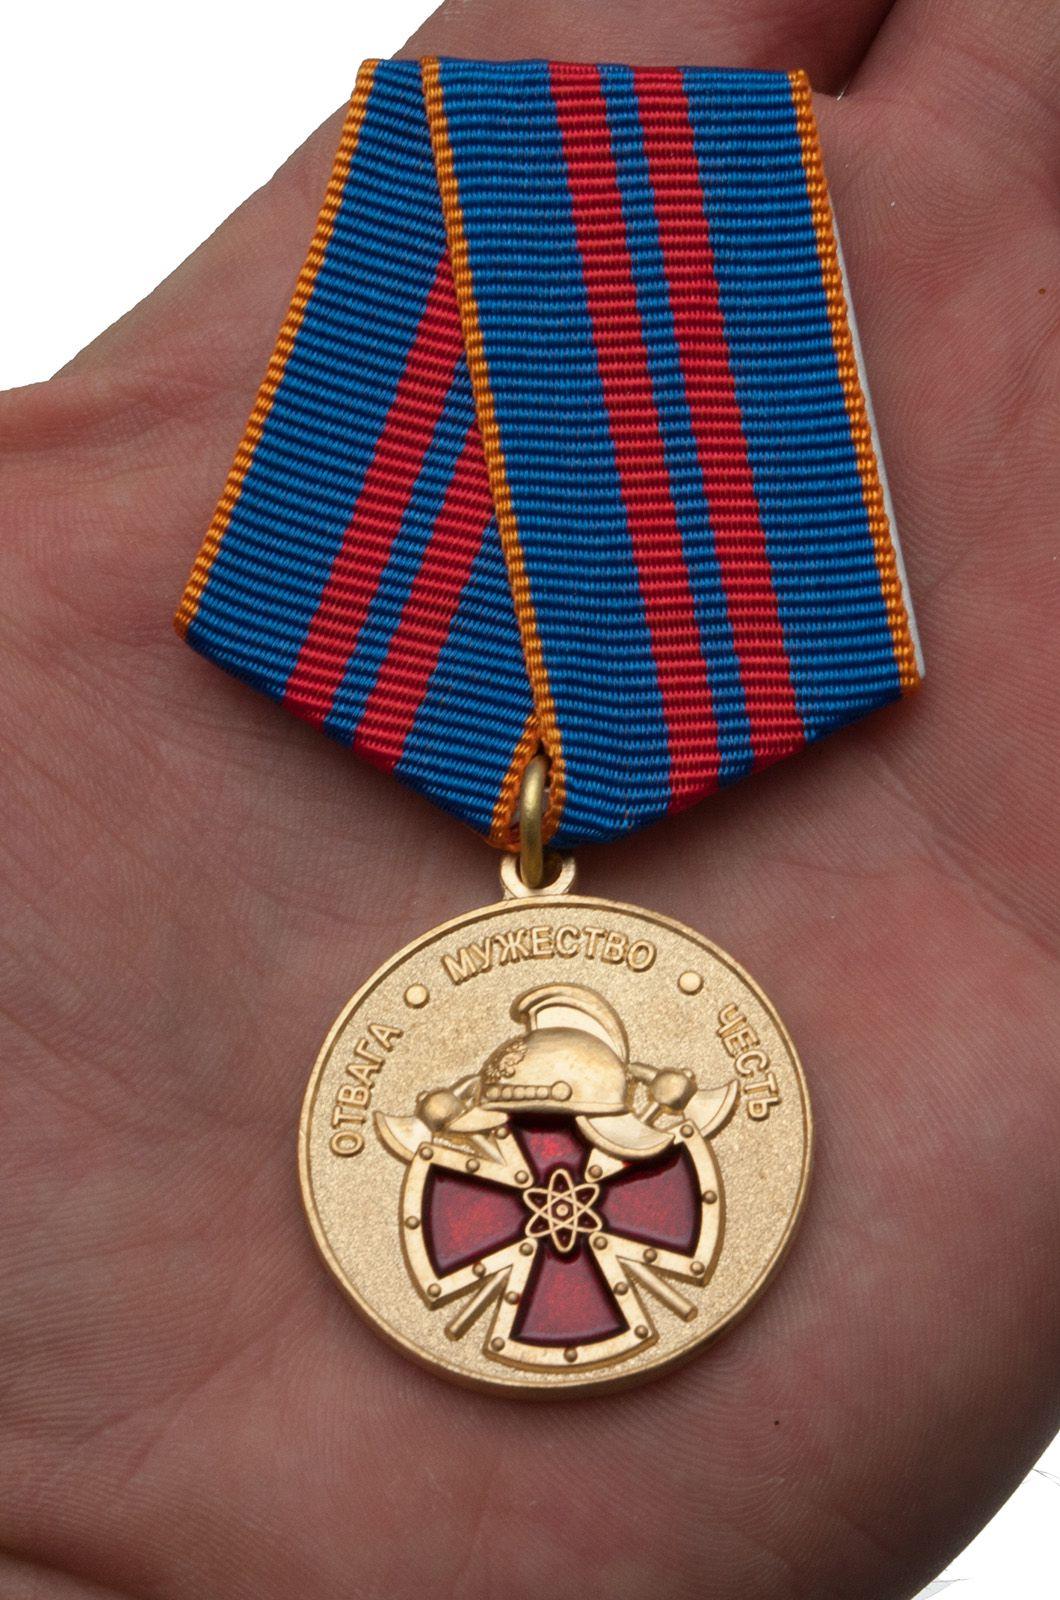 Медаль МЧС За особый вклад в обеспечение пожарной безопасности особо важных государственных объектов - вид на ладони